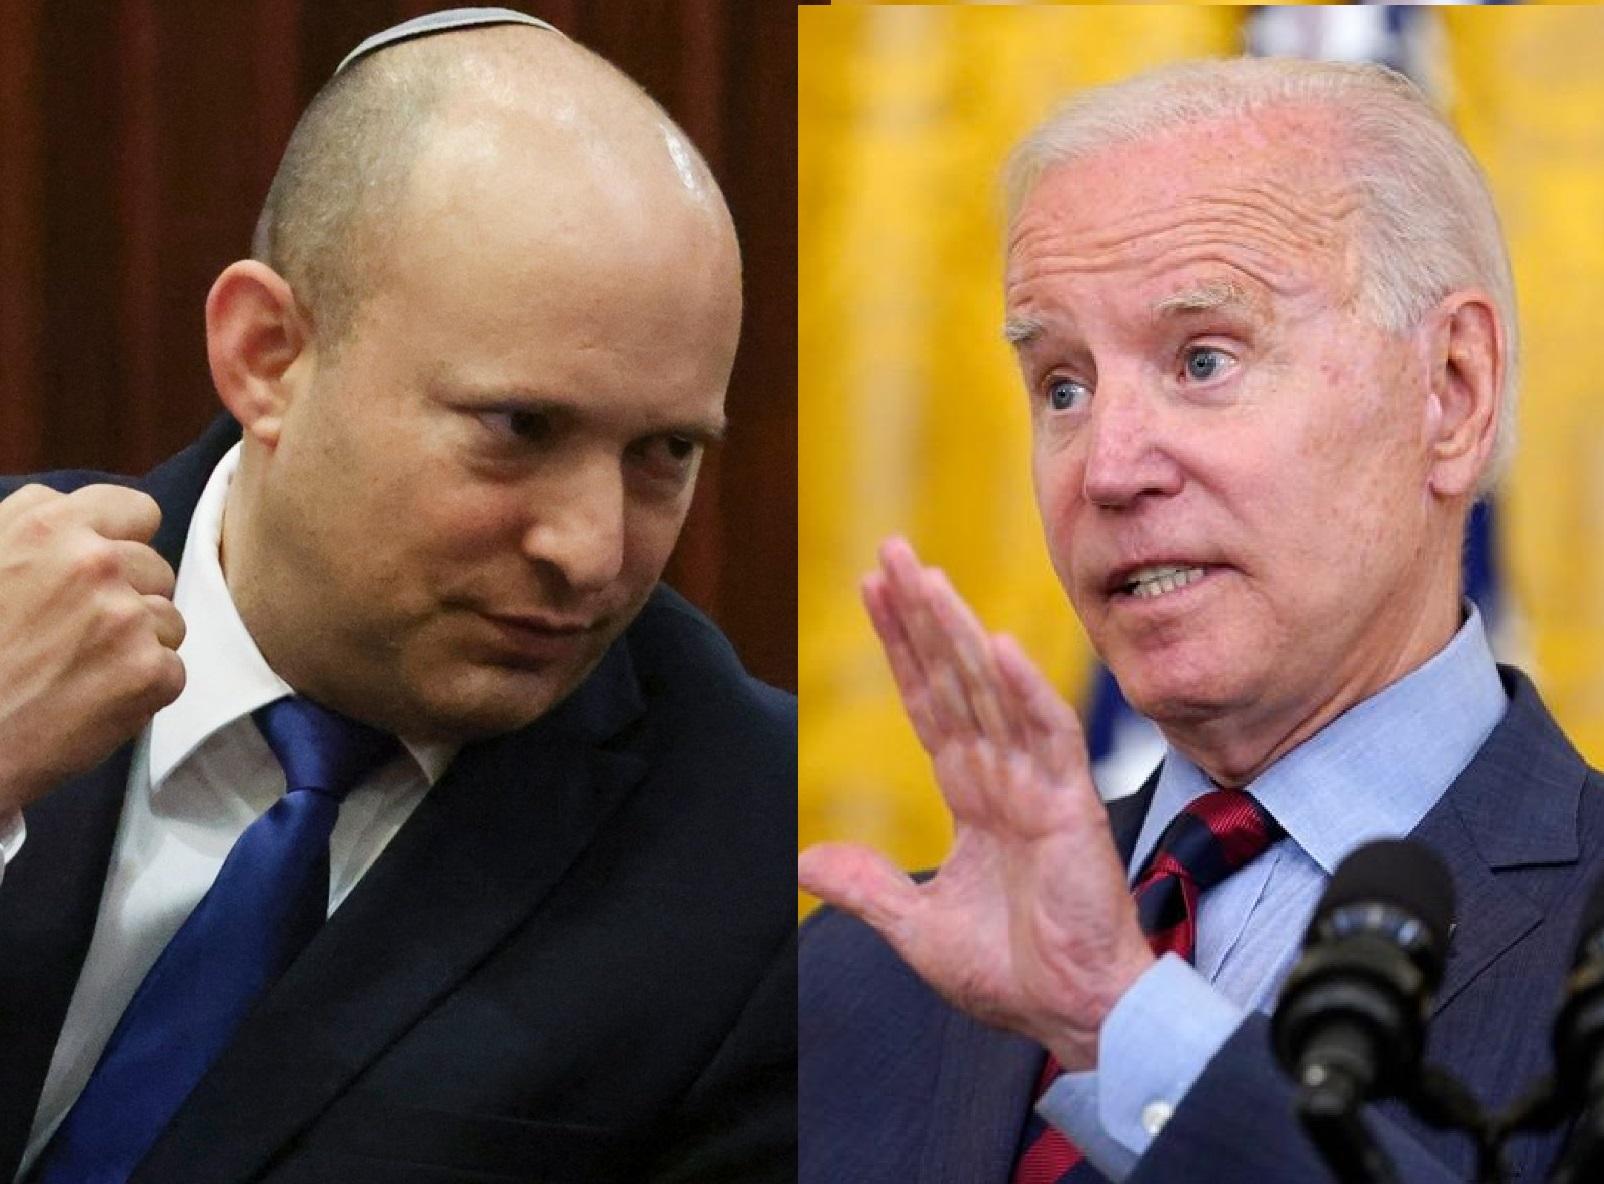 منظور اسرائیل و آمریکا از «پاسخ حساب شده به ایران» چیست؟